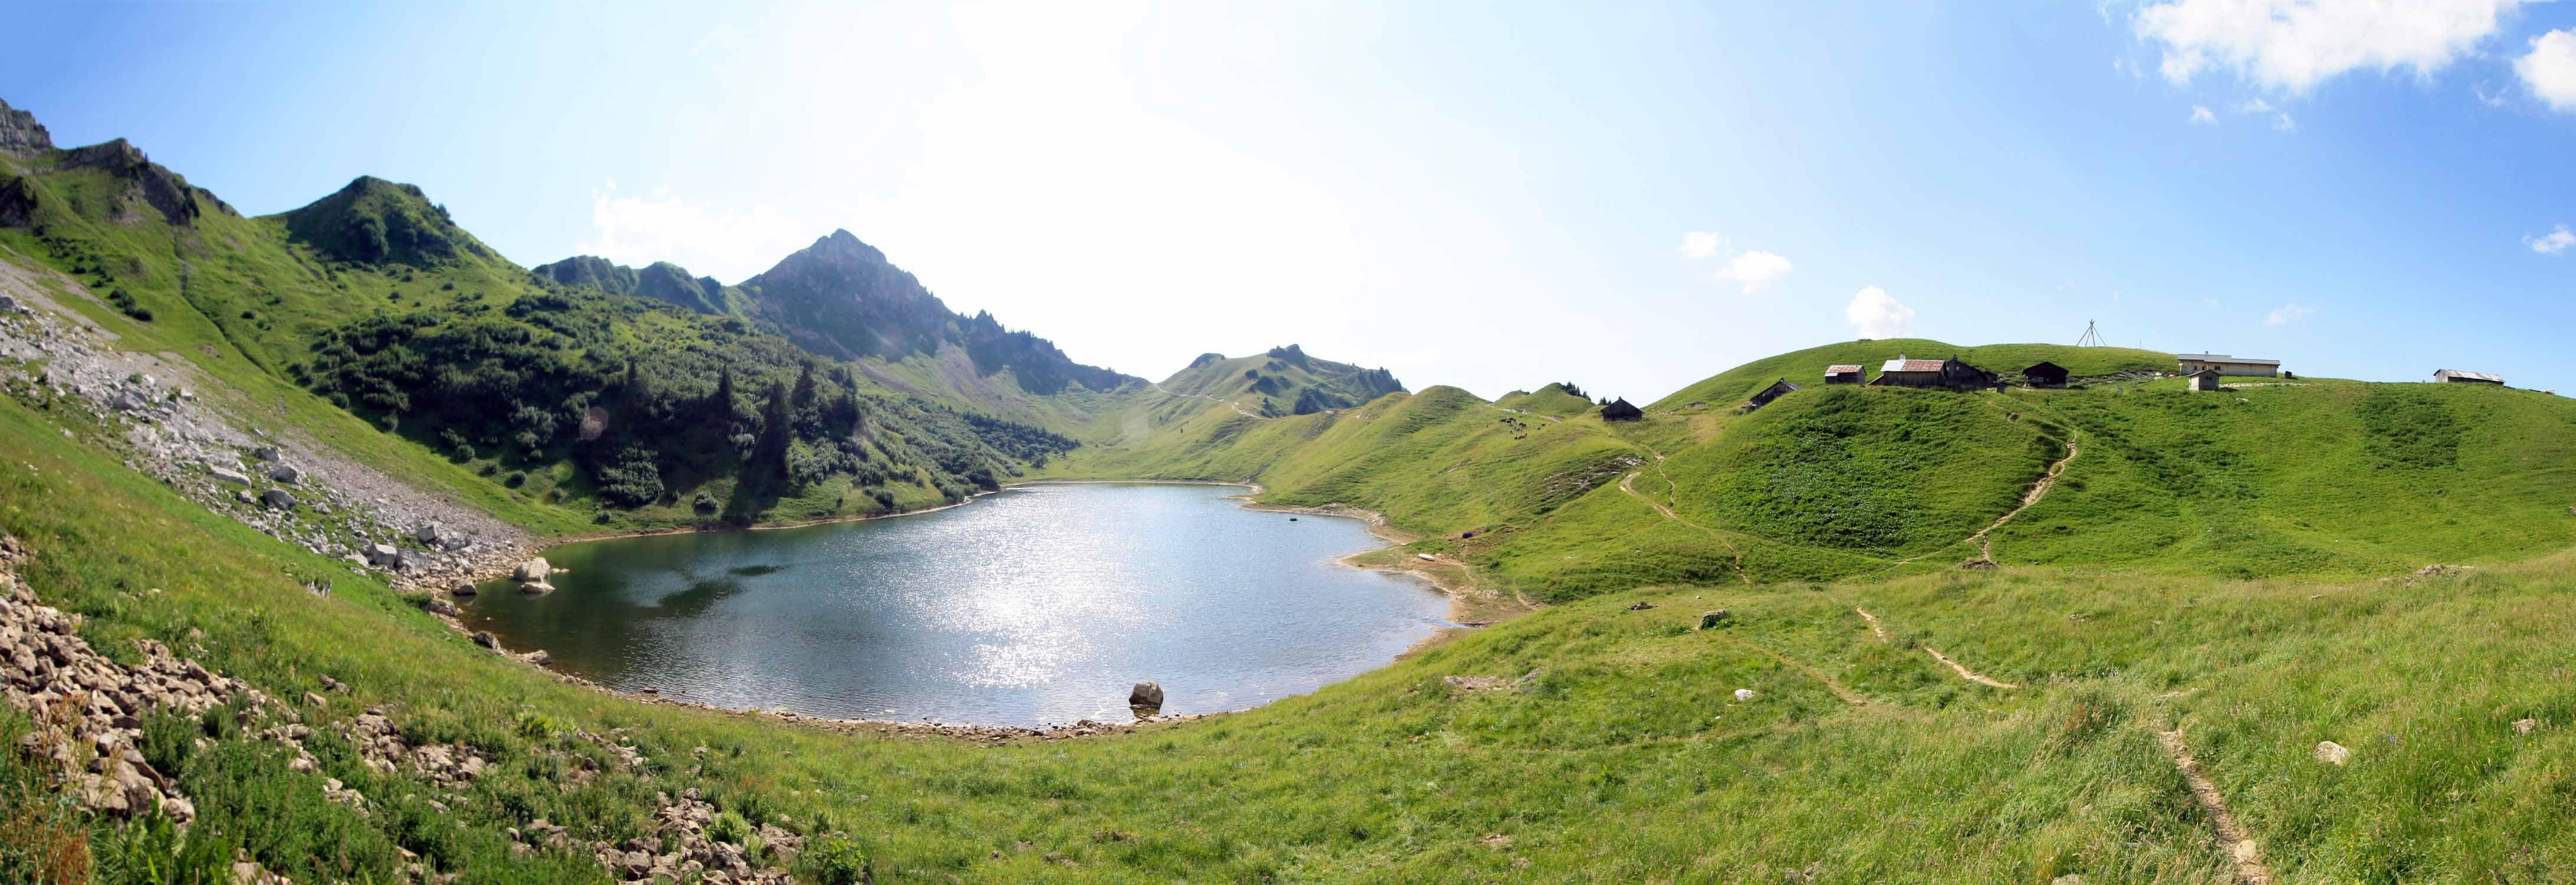 Le Lac de Lessy, ses chalets d'alpage et l'Aiguille Verte en fond